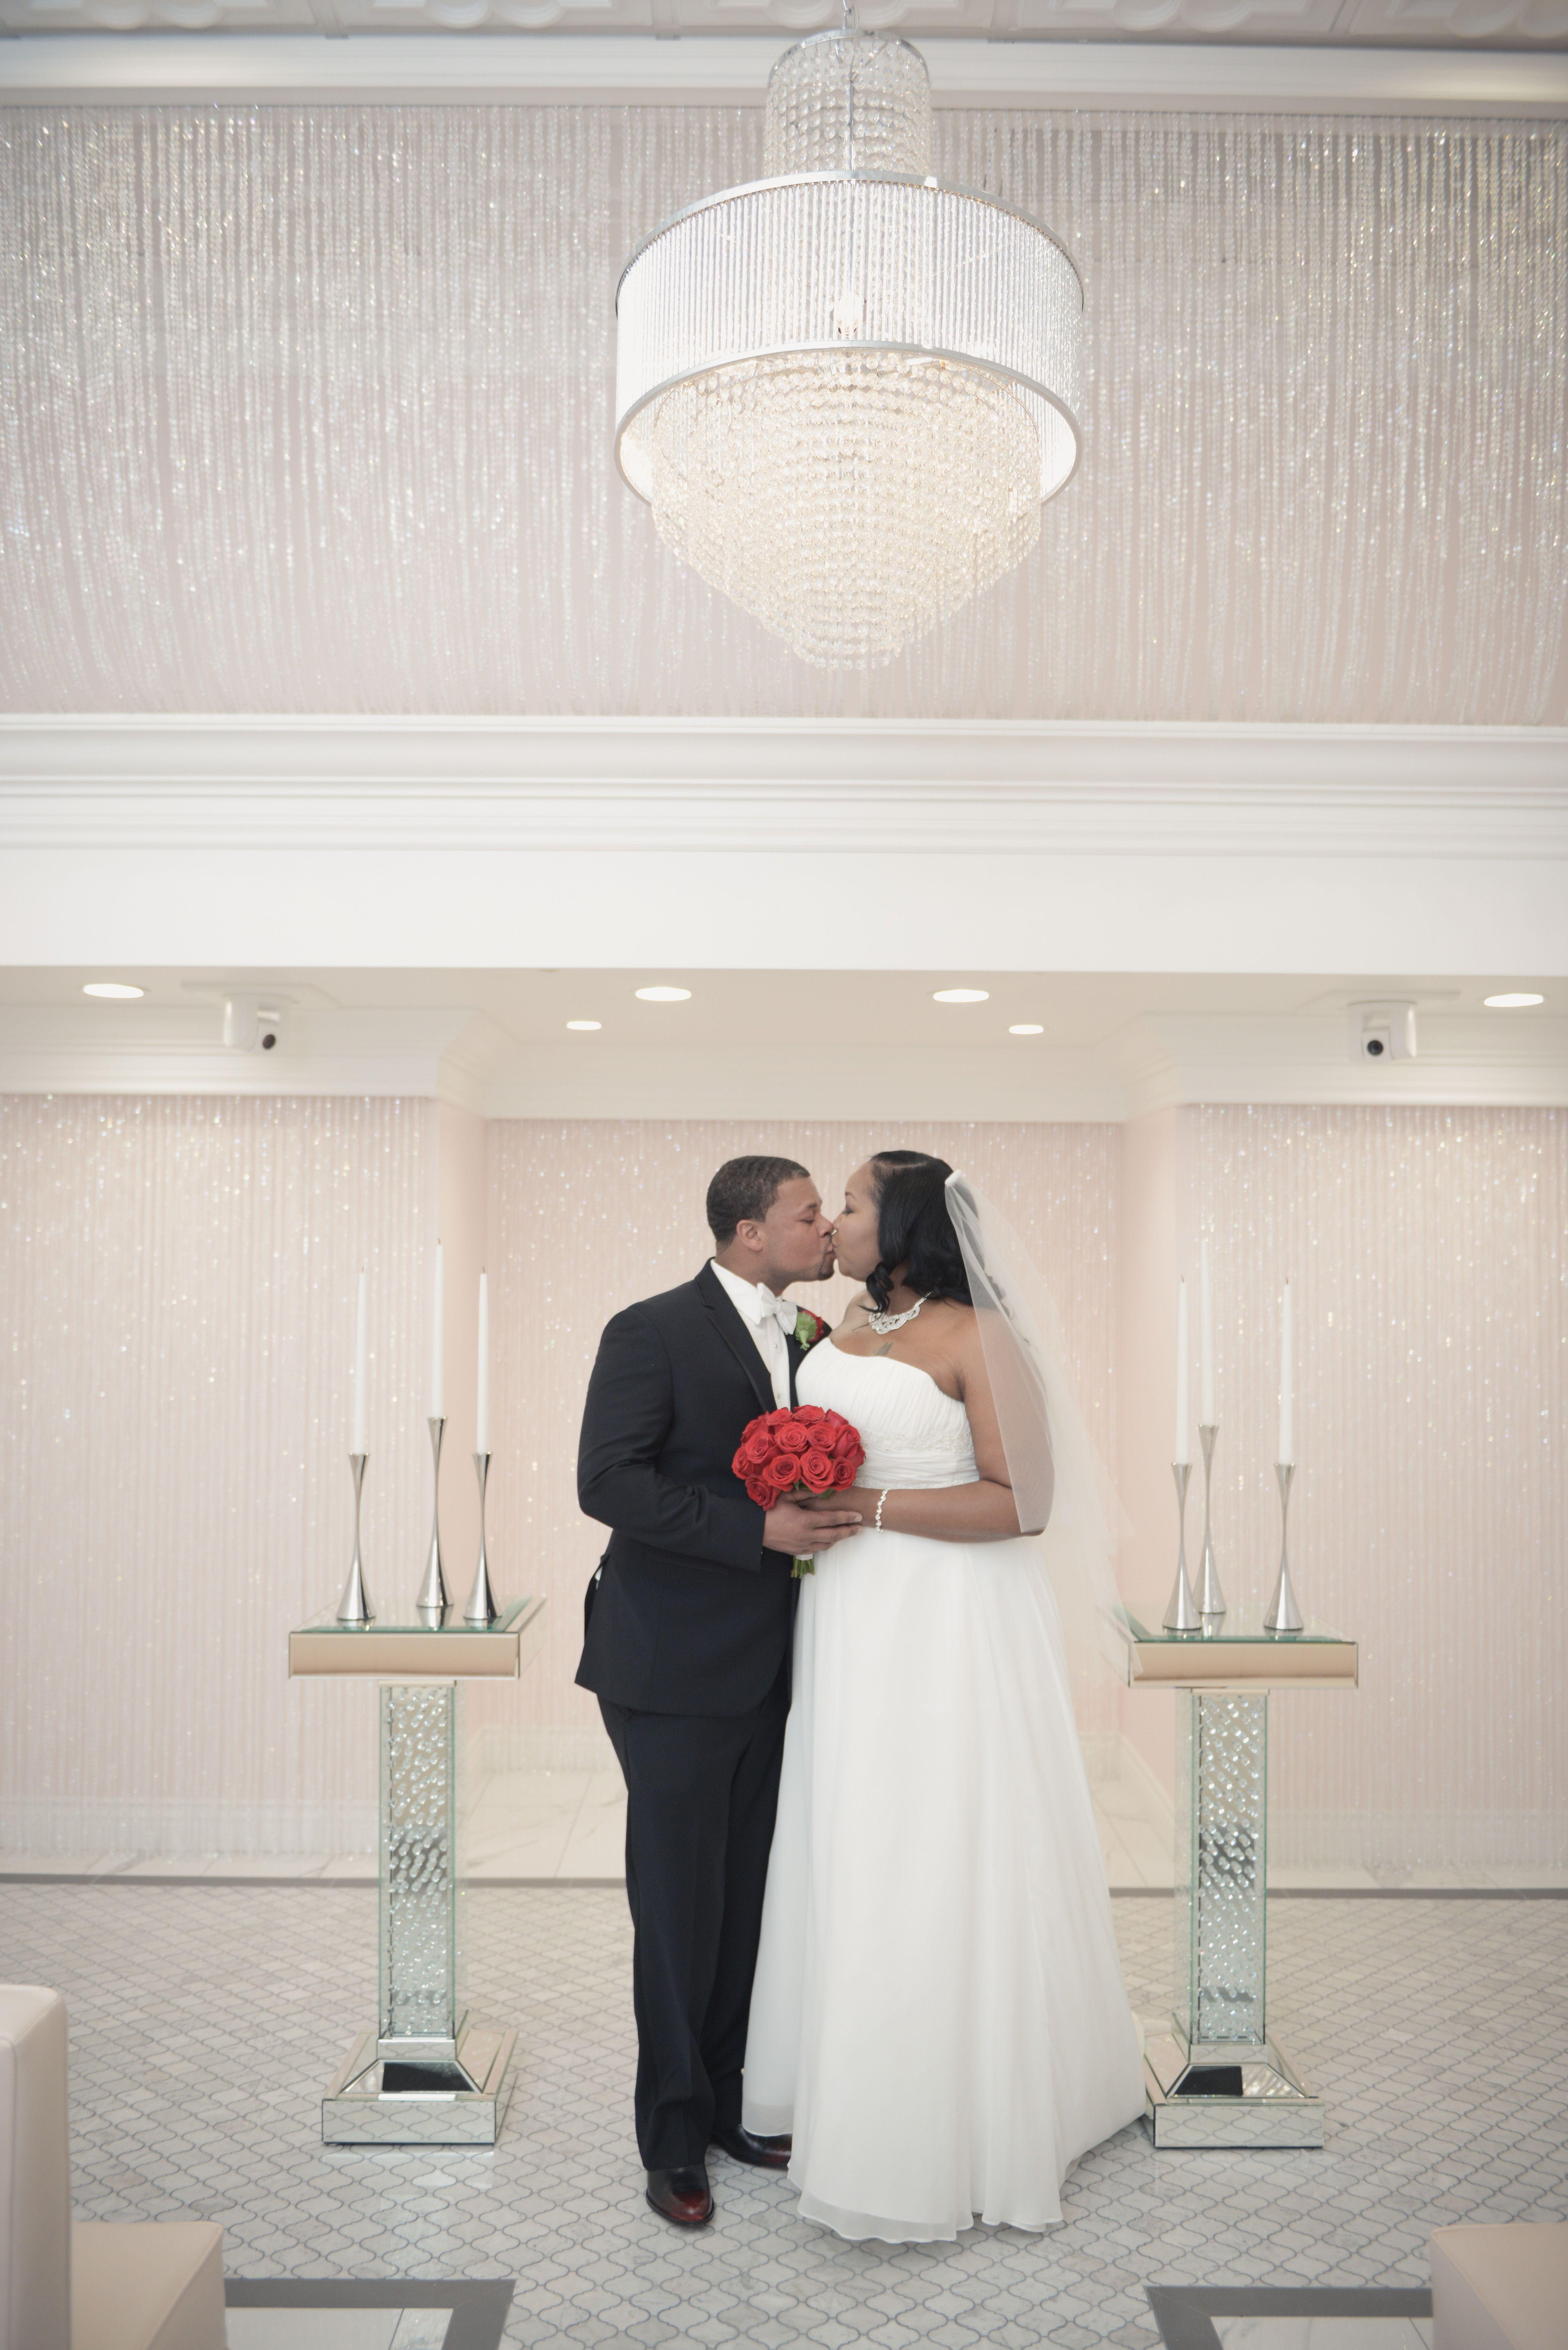 Las Vegas Wedding Packages All Inclusive.Glamorous Weddings In Las Vegas Chapel Of The Flowers